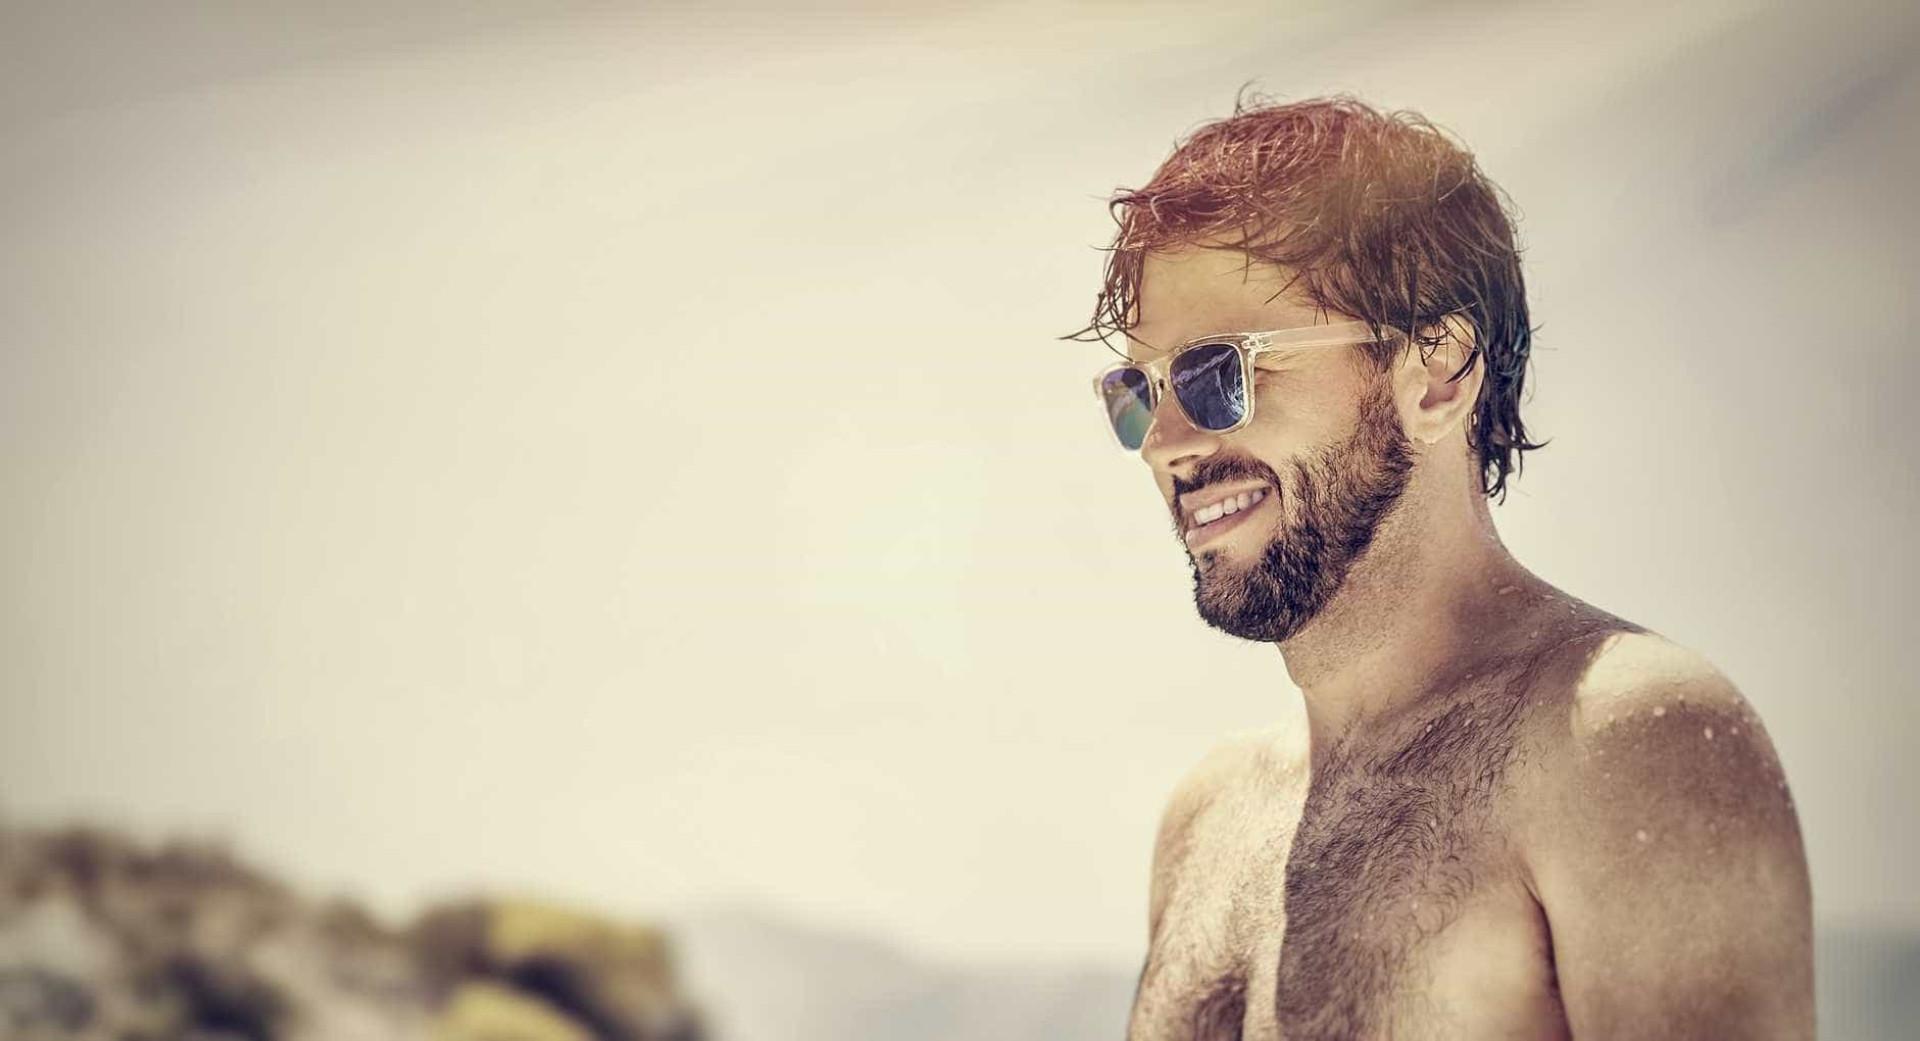 As 40 coisas que os homens fazem para impressionar uma nova namorada